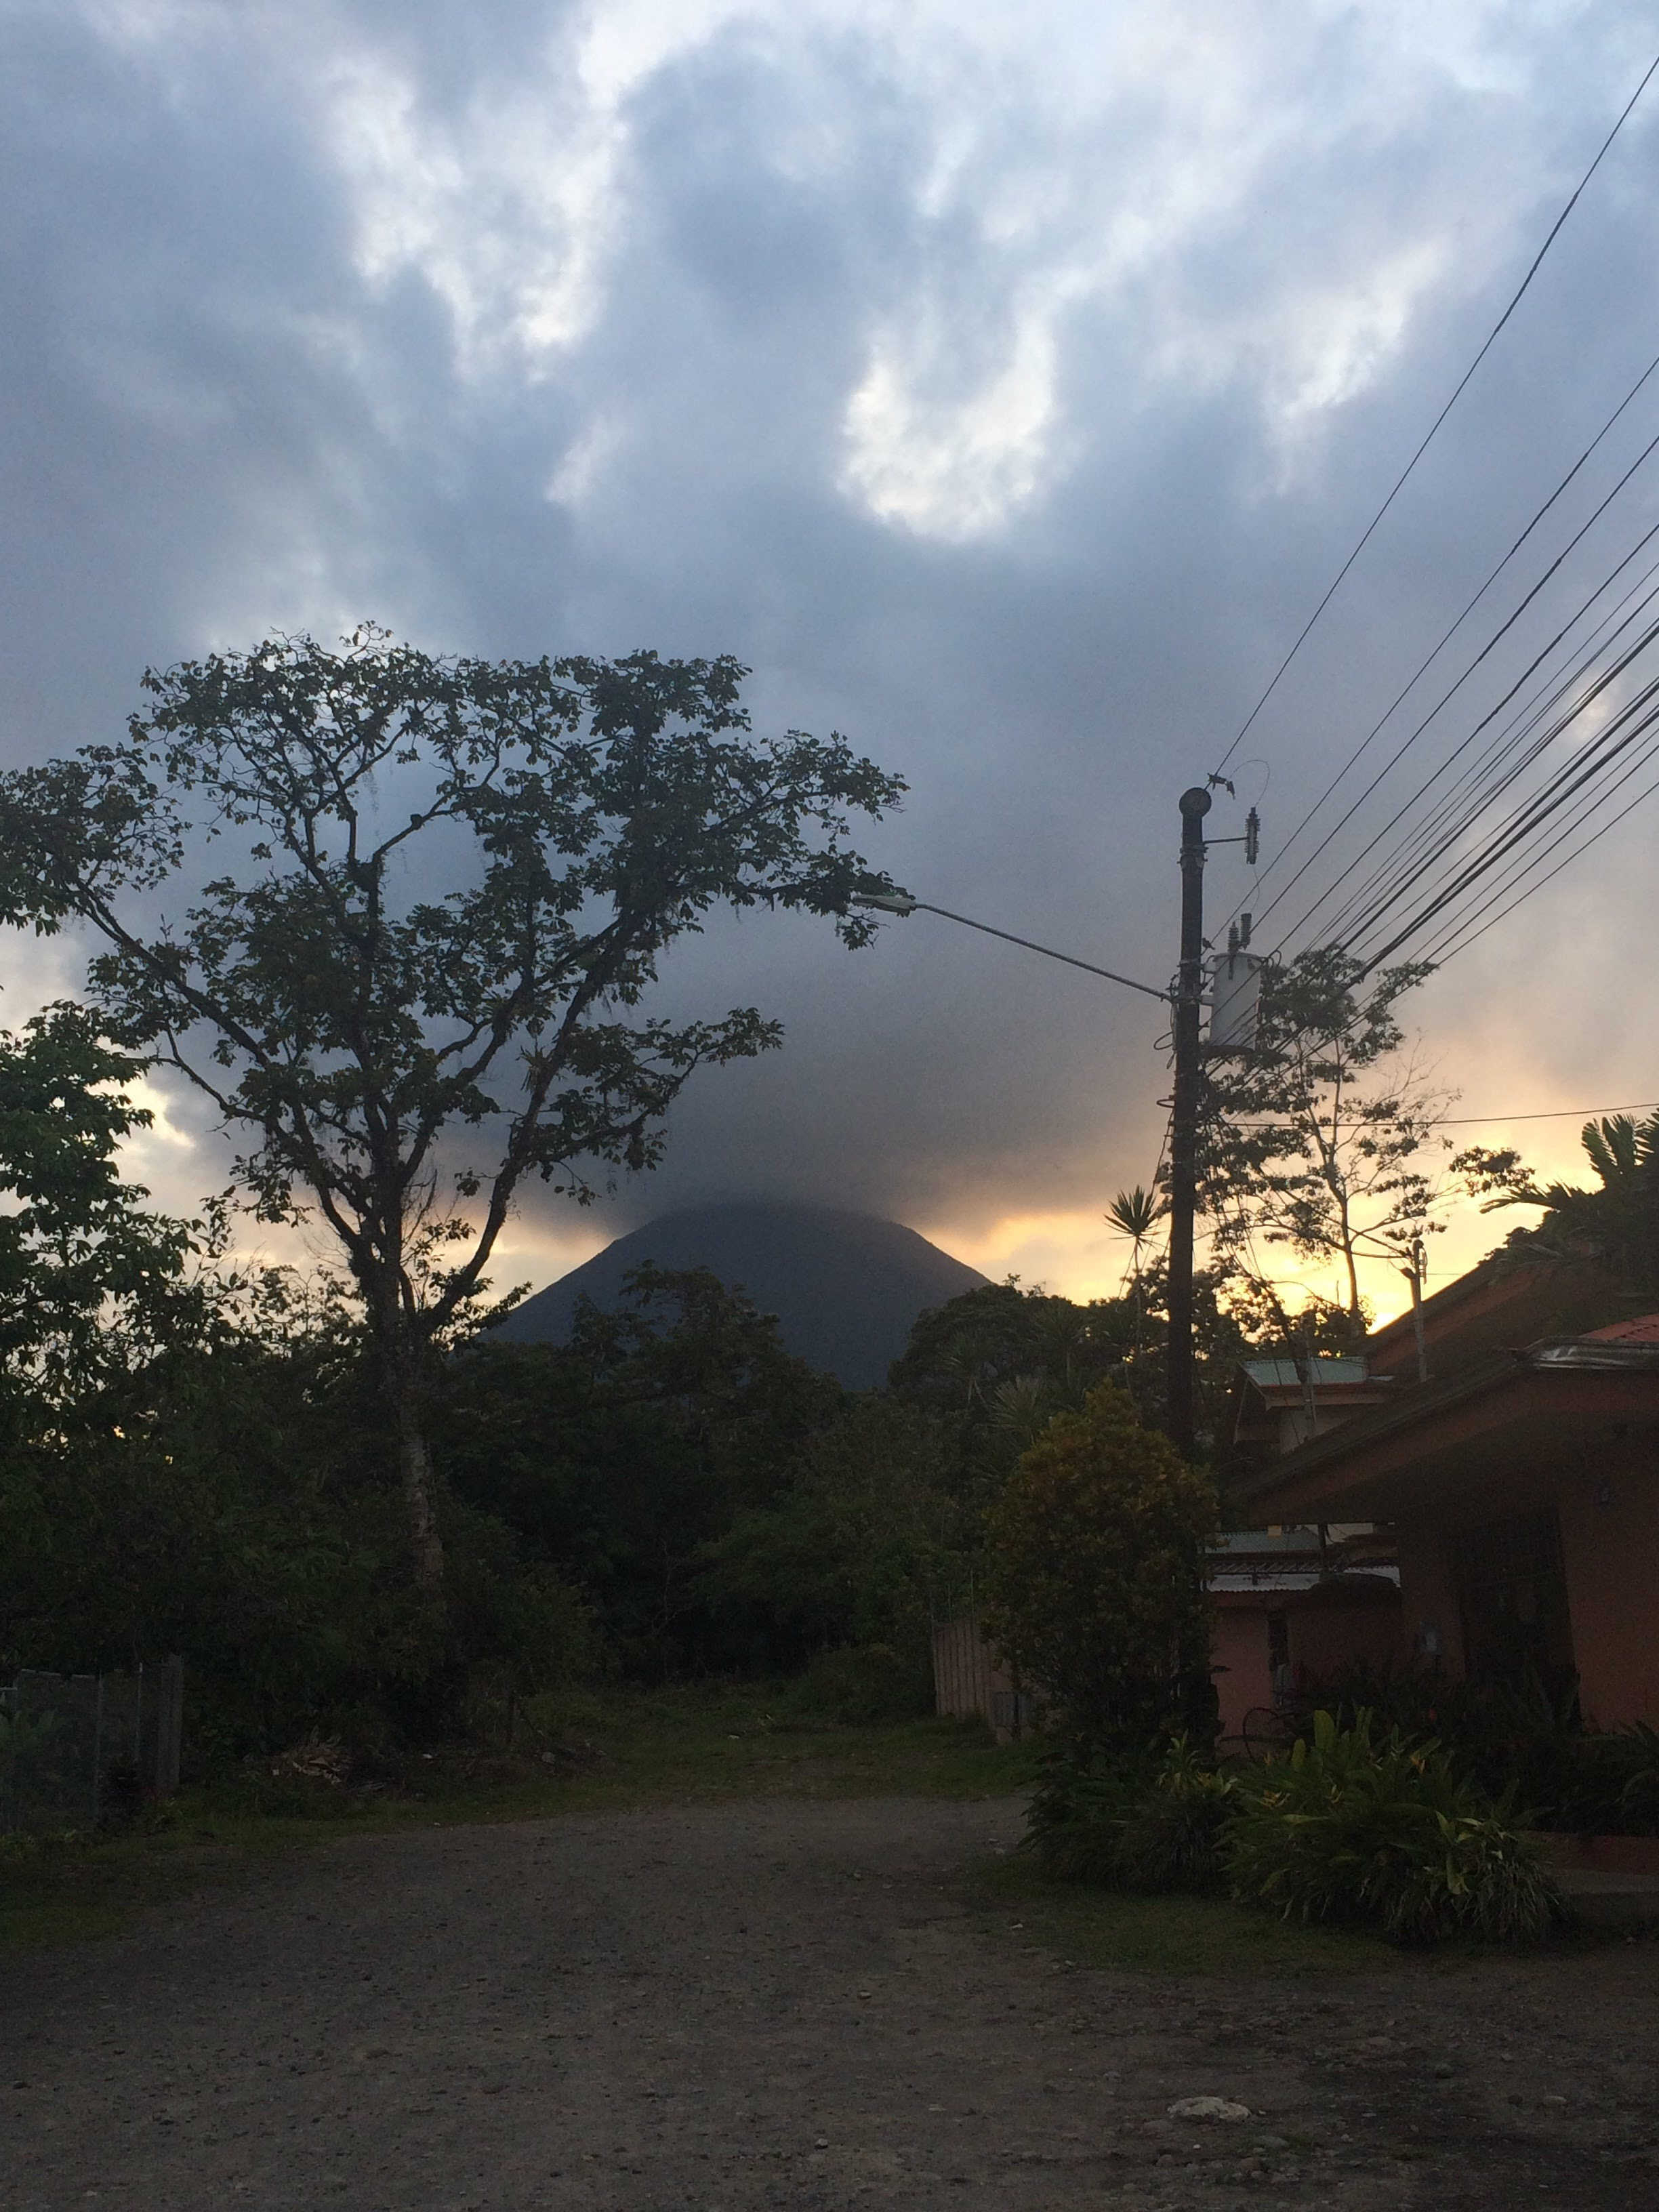 The Setting Sun and Arenal Volcano in La Fortuna, Costa Rica